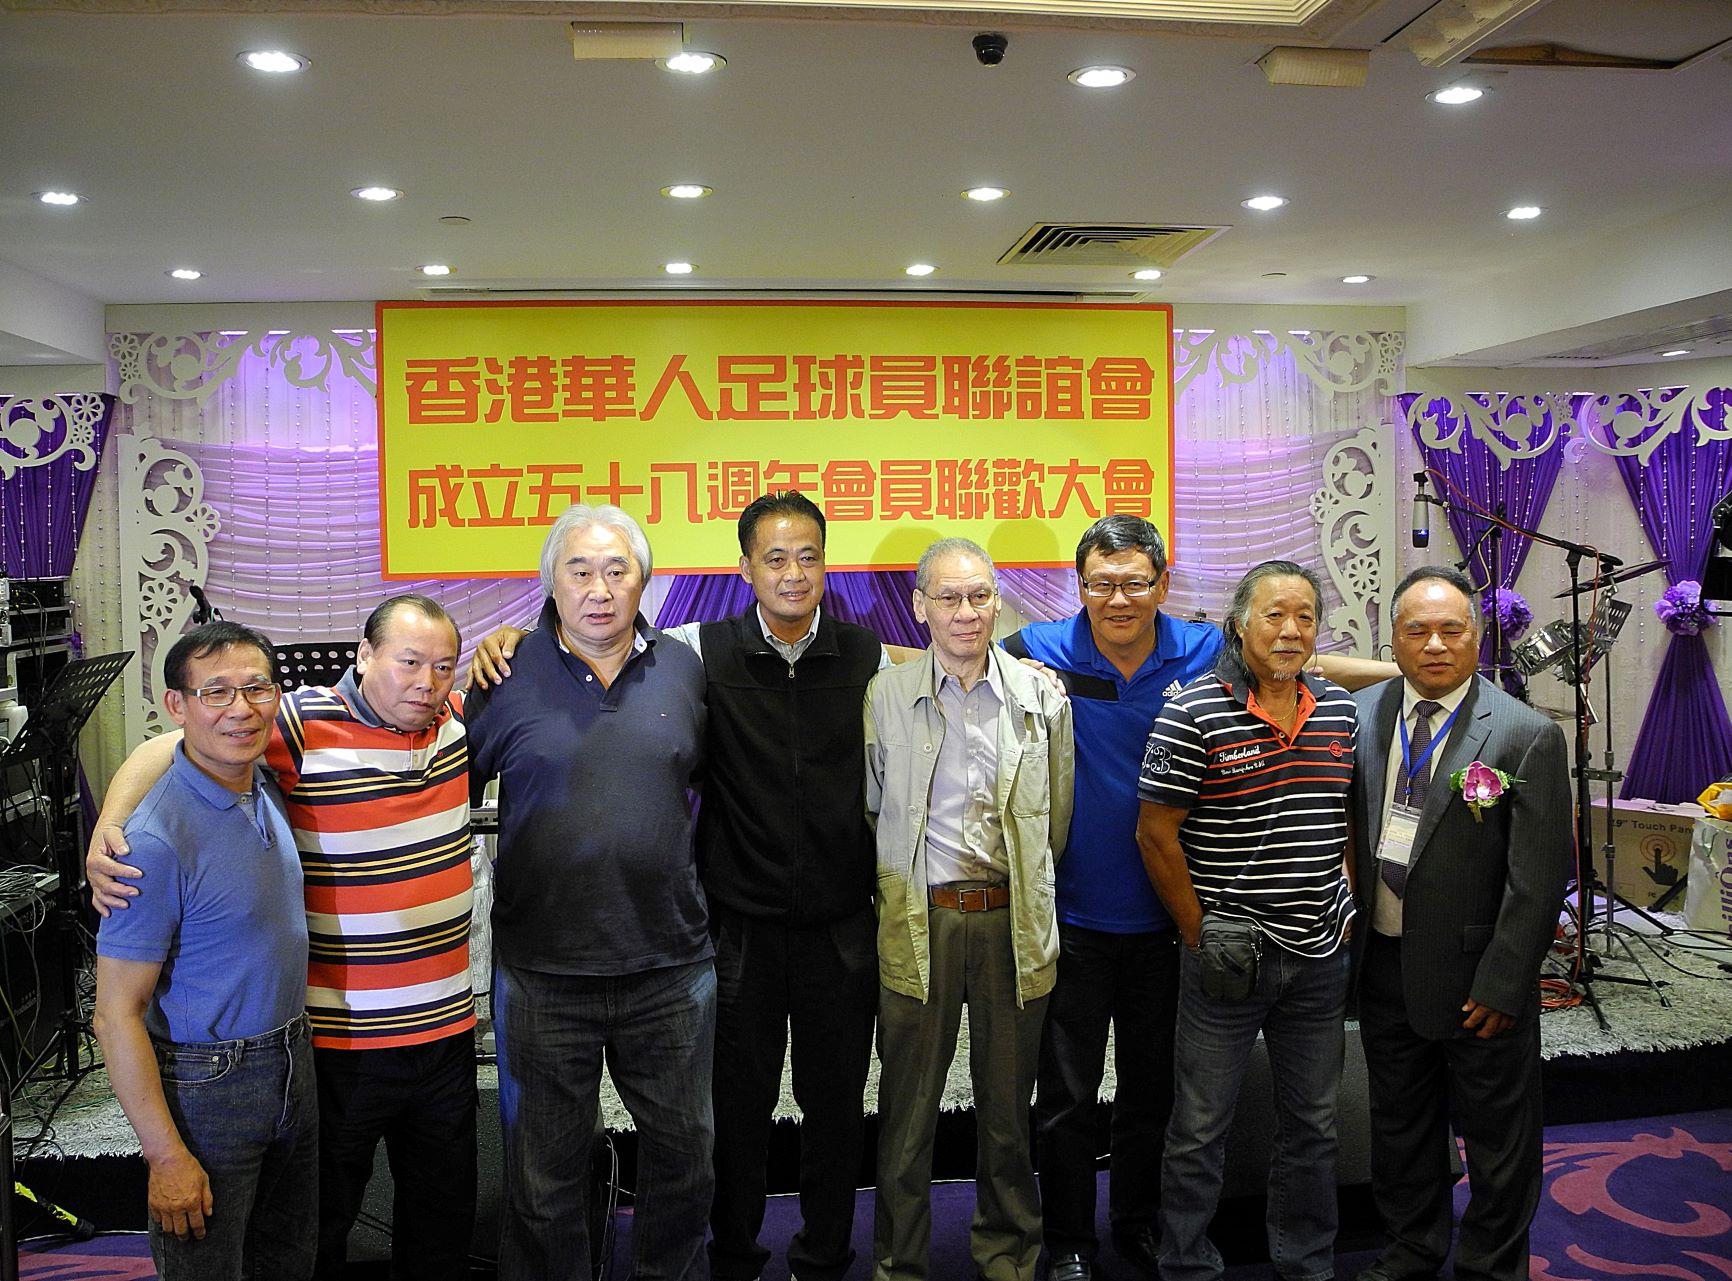 2013年 香港華人足球員聯誼會58屆週年聯歡大會 036